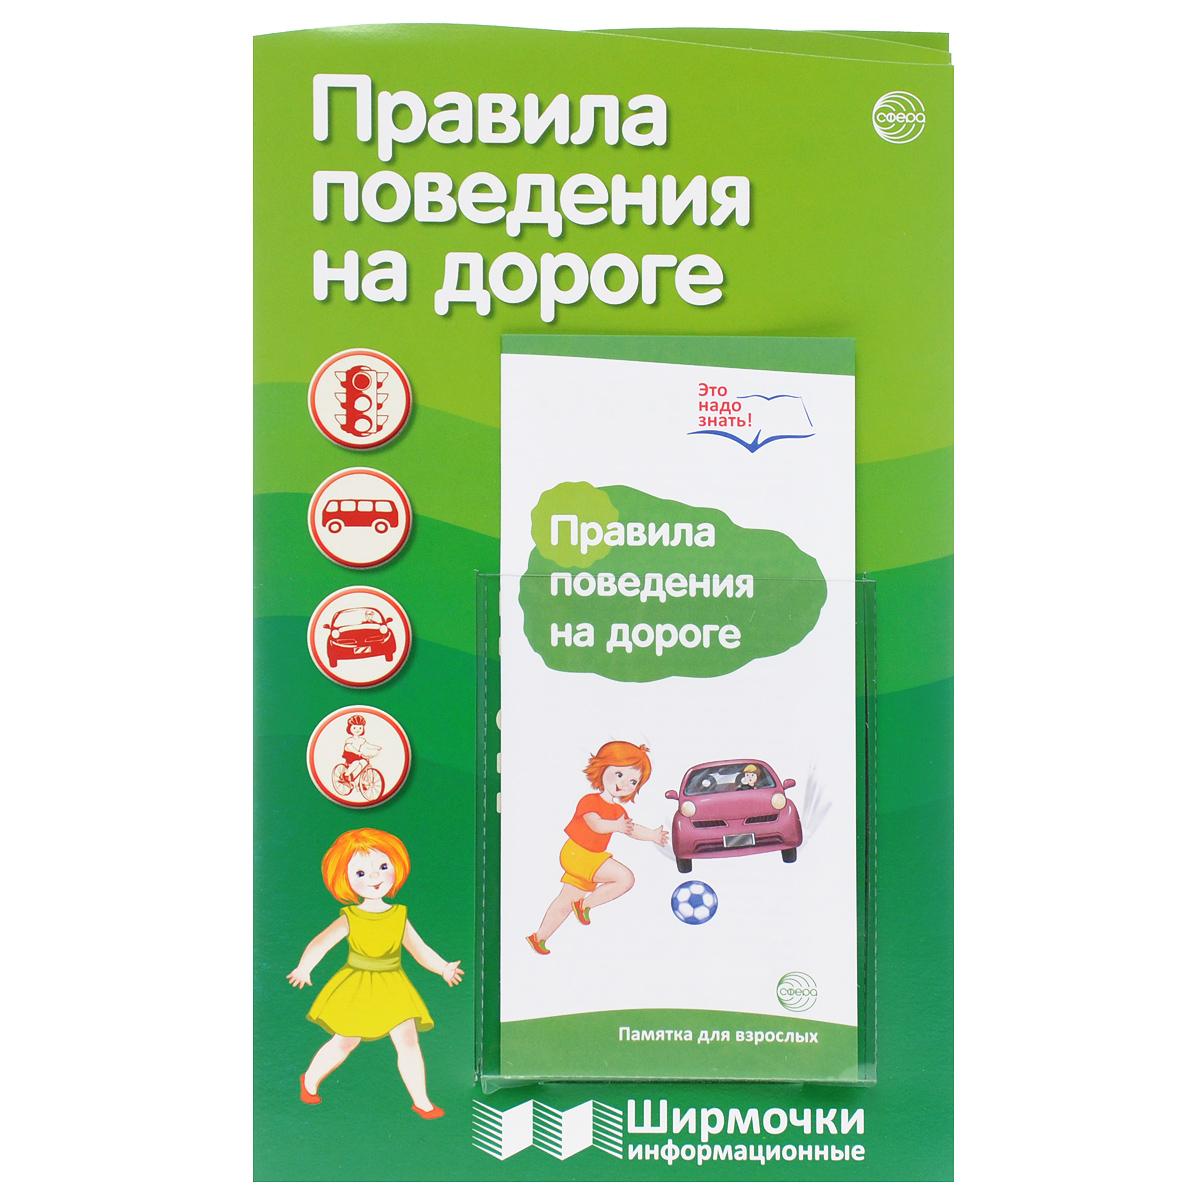 Правила поведения на дороге. Ширмочки информационные (+ буклет)